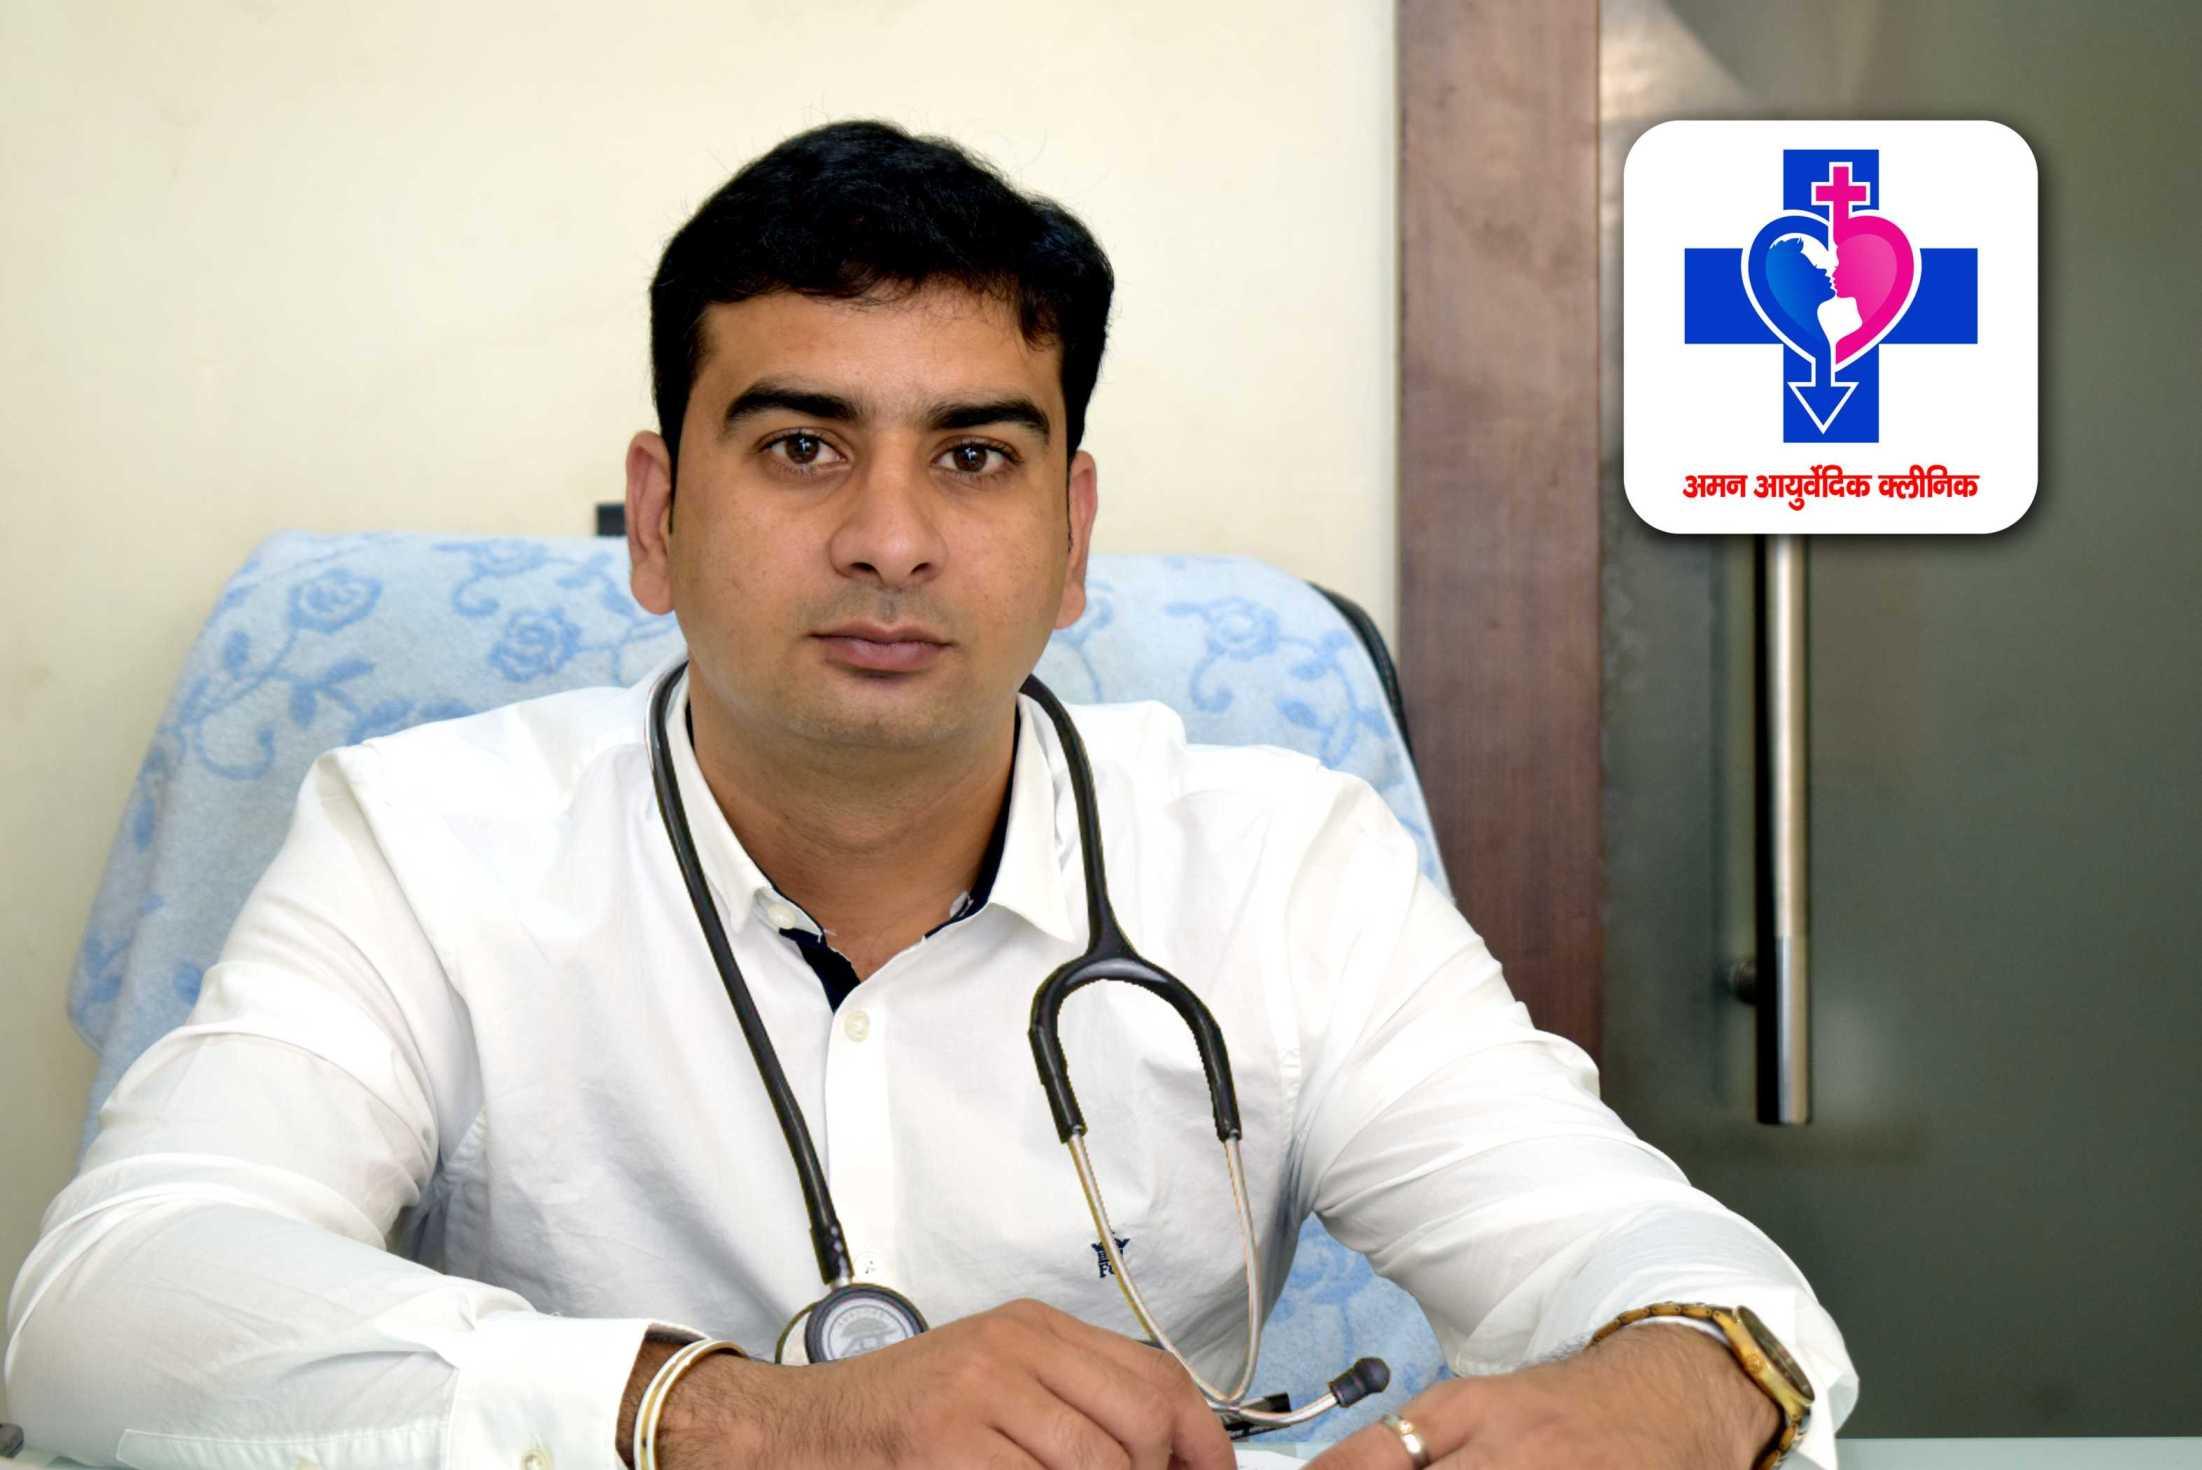 Dr. Ravi Kapoor